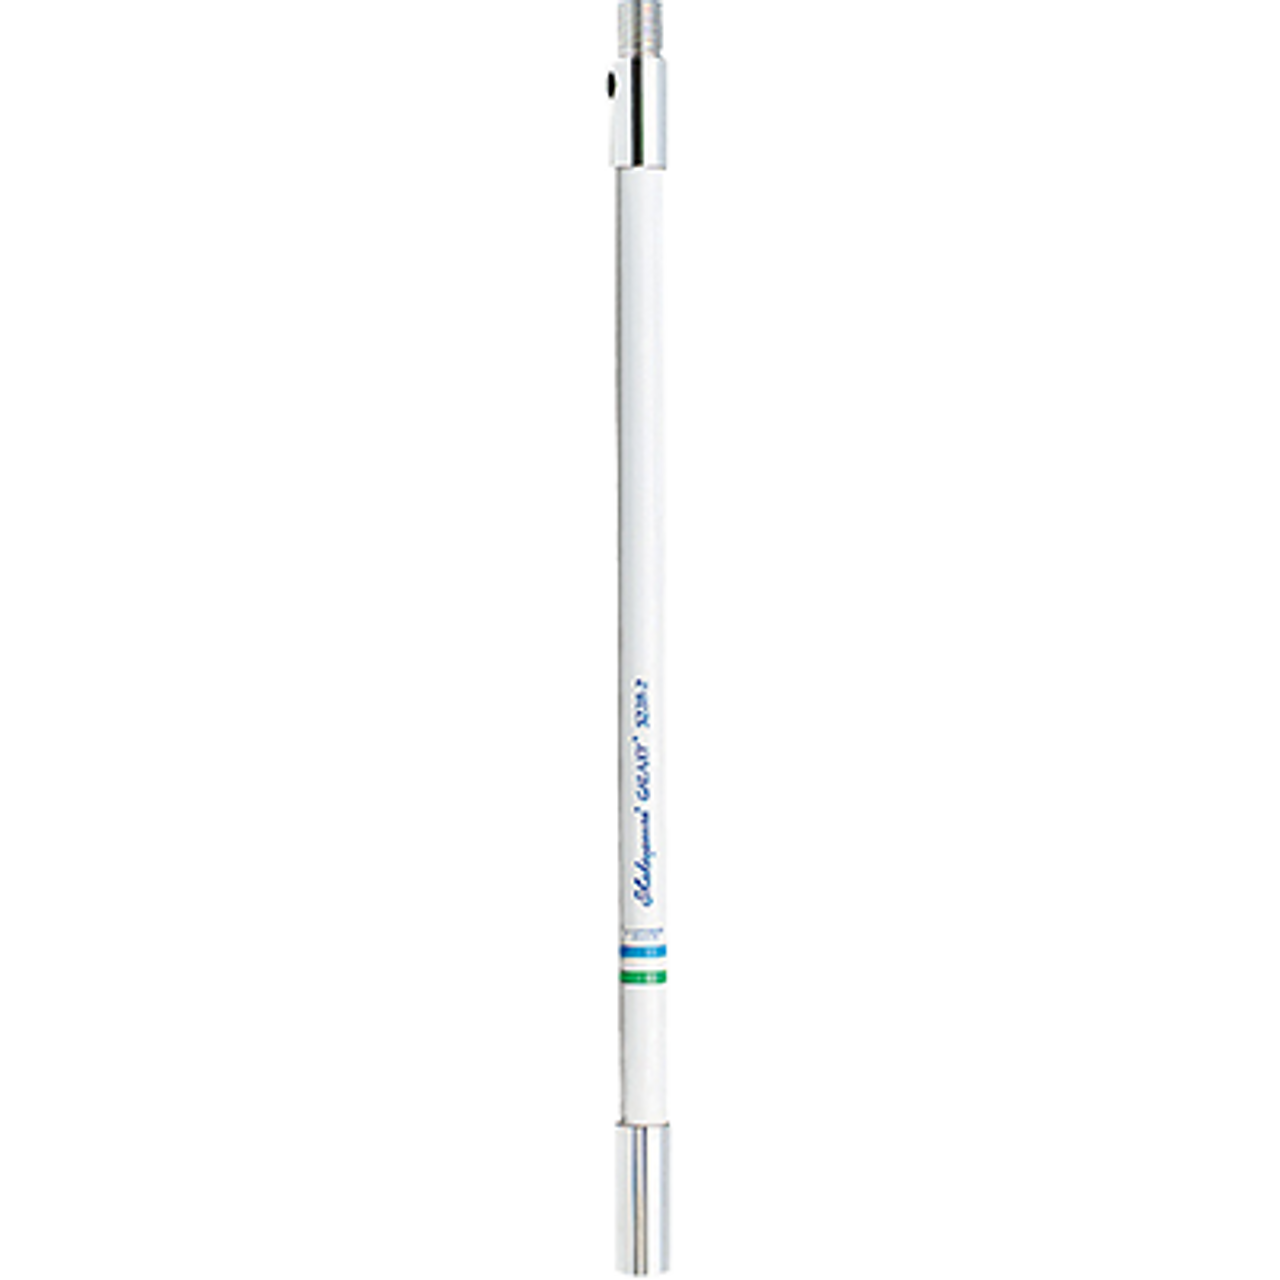 """OPEN BOX SPECIAL - 4' Galaxy Antenna Extender 1.5""""dia. 719441200077"""